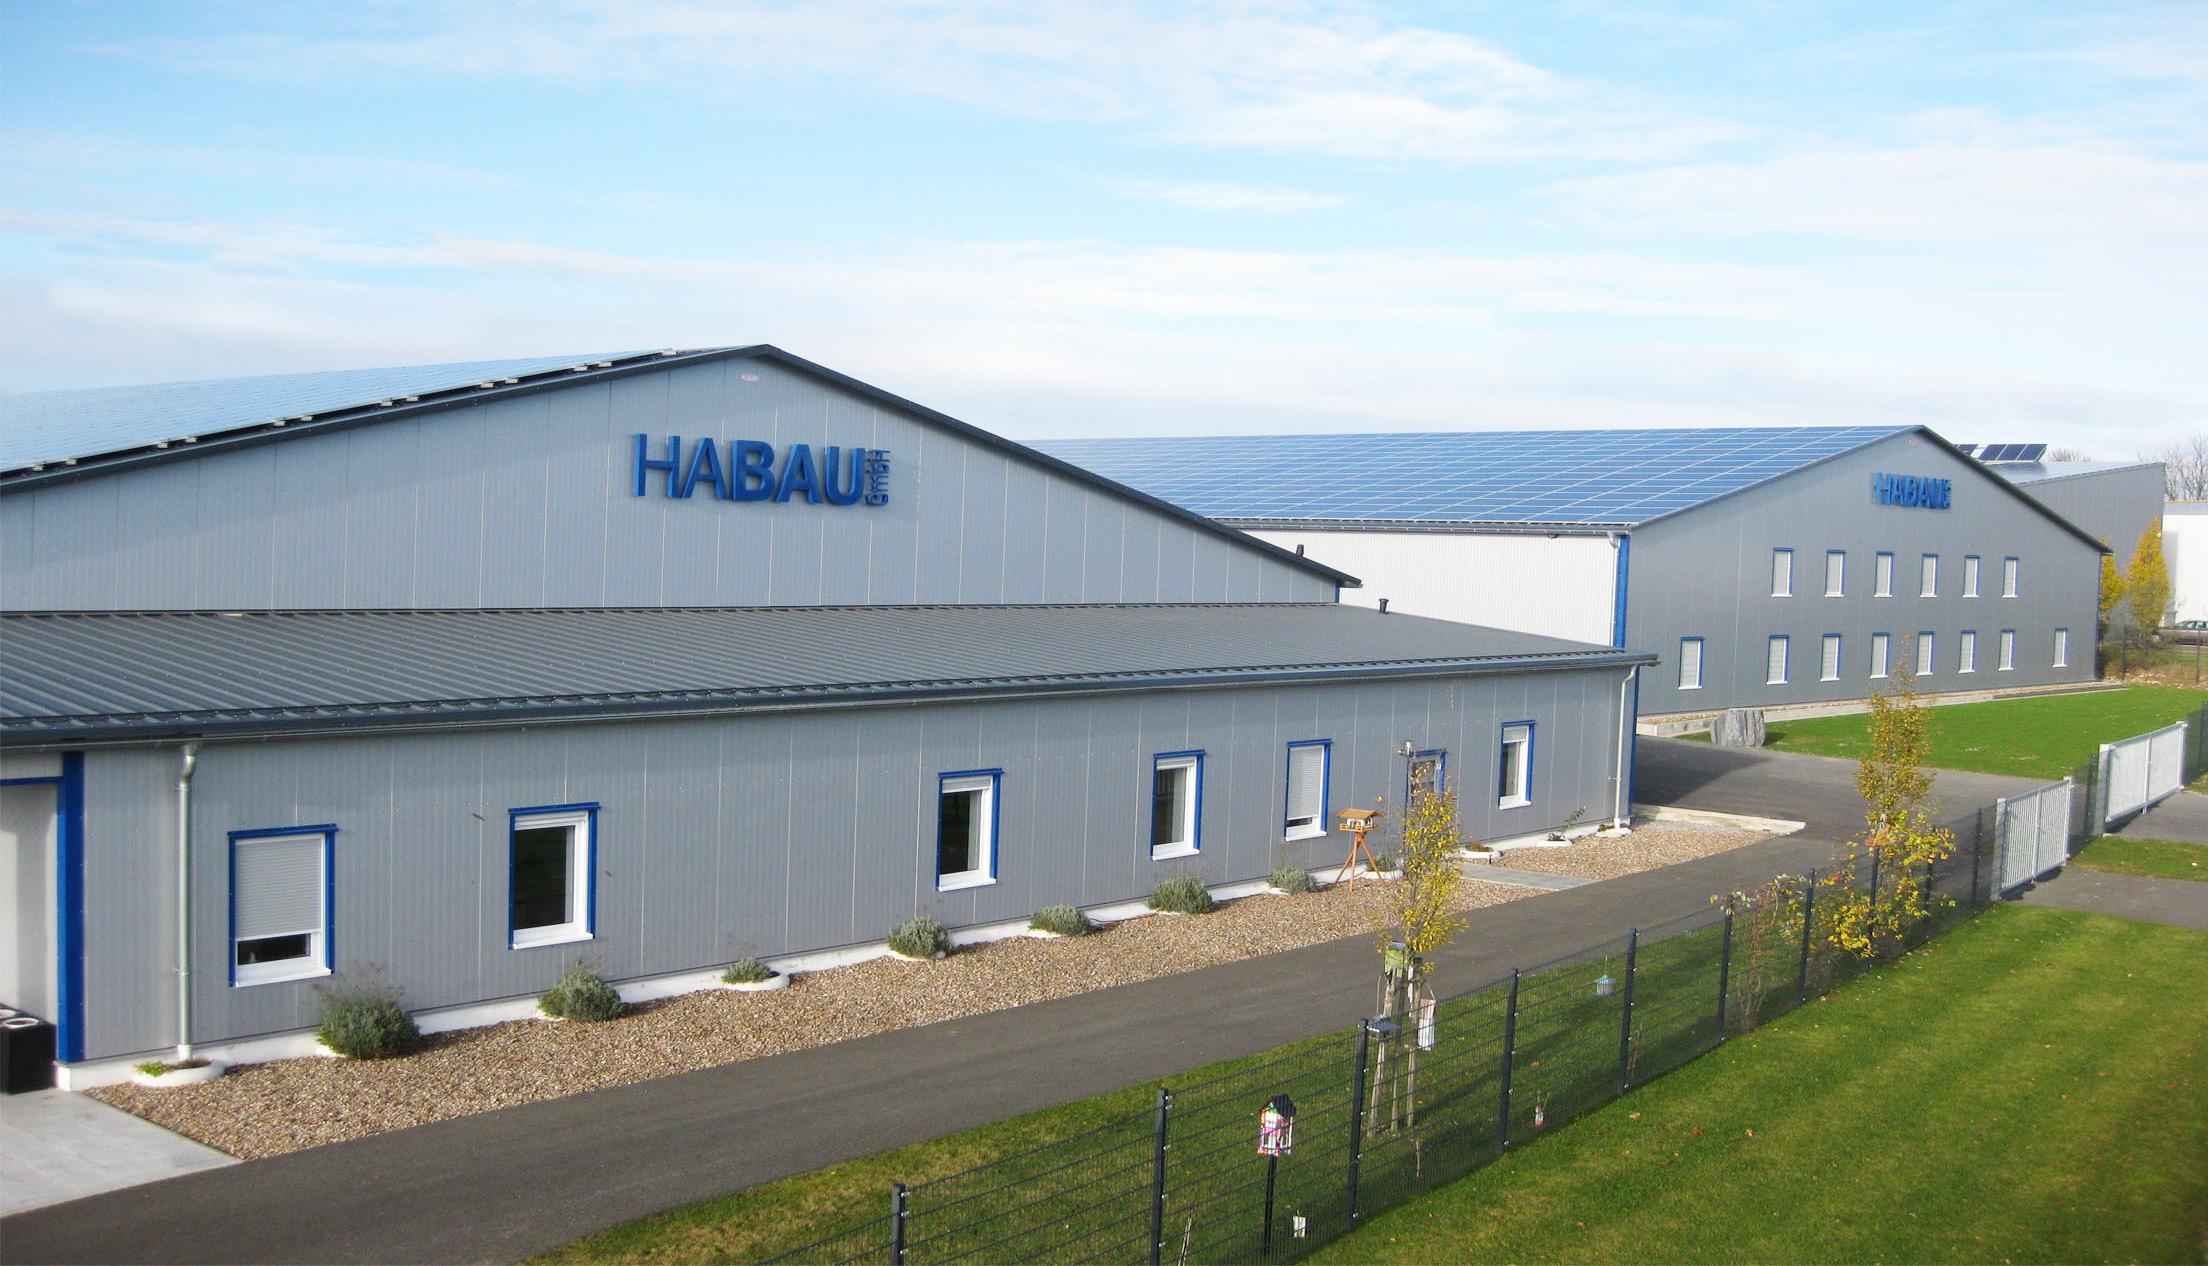 Bild des HABAU Standortes in Lichtenau bei Paderborn